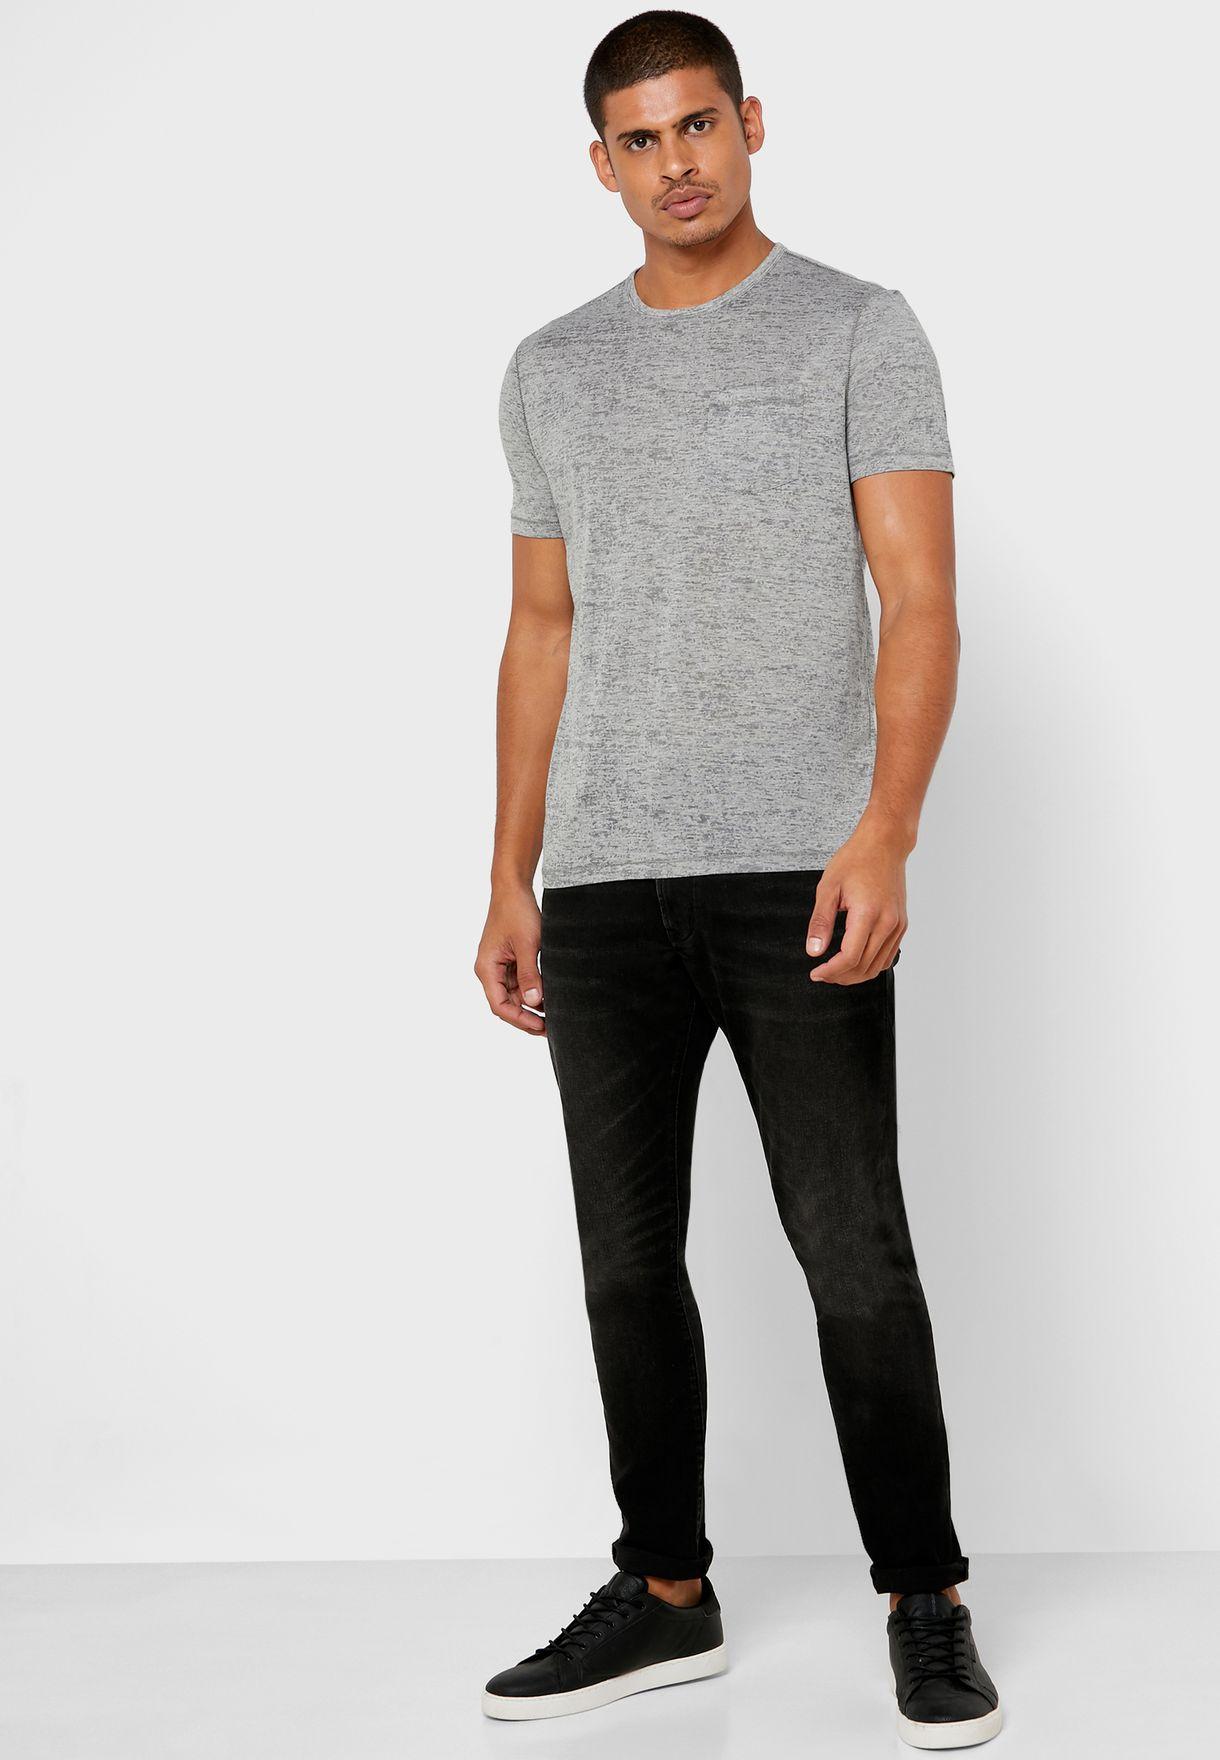 Burnout Crew Neck T-Shirt